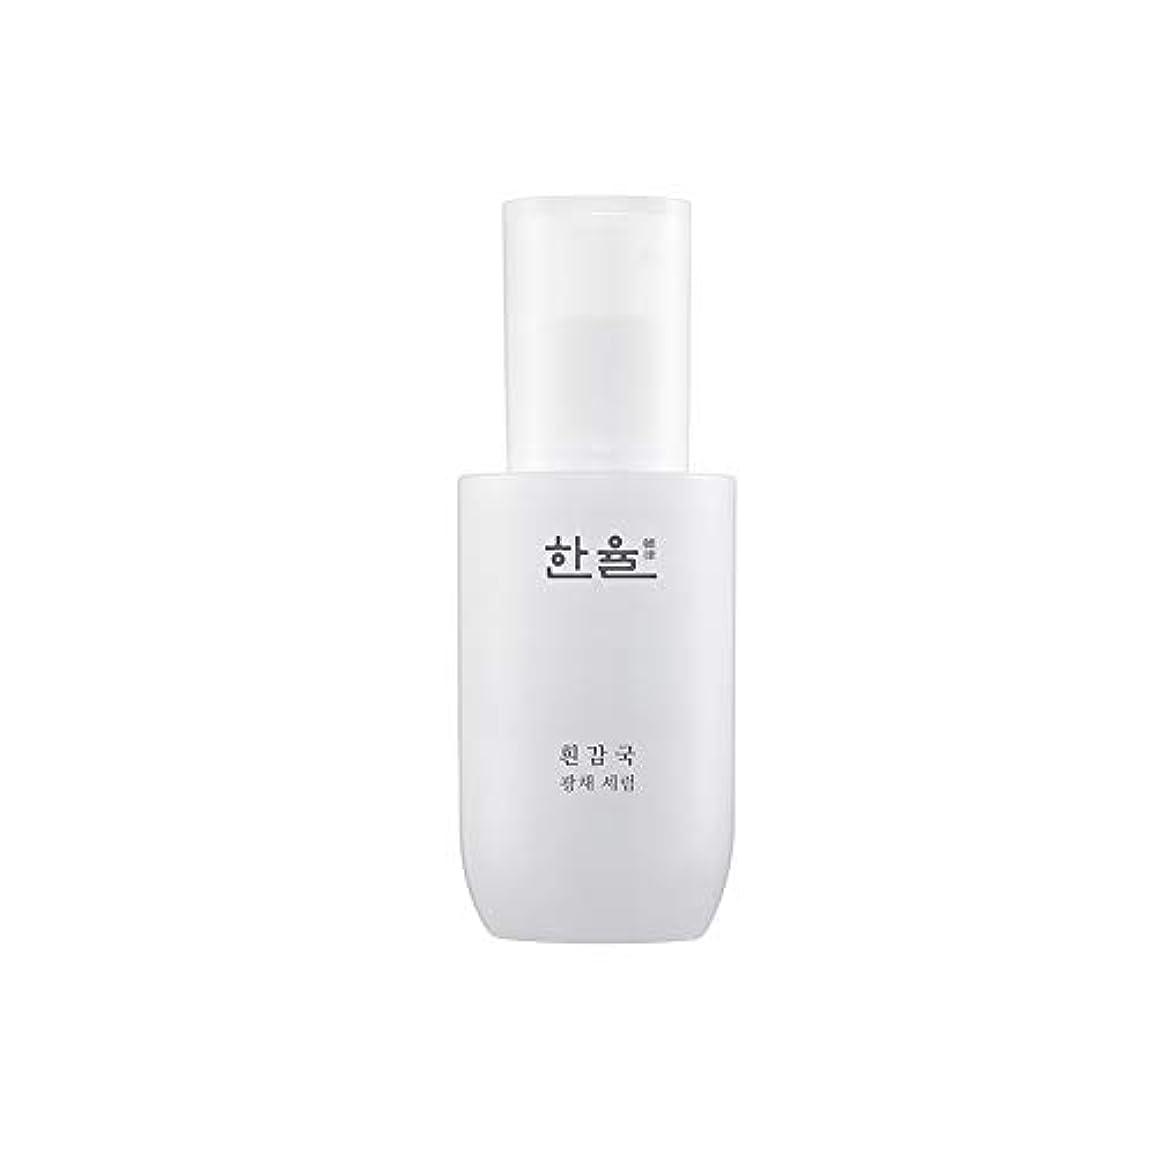 レイア豆シェア【HANYUL公式】 ハンユル 白菊 光彩セラム 40ML / White Chrysanthemum Serum